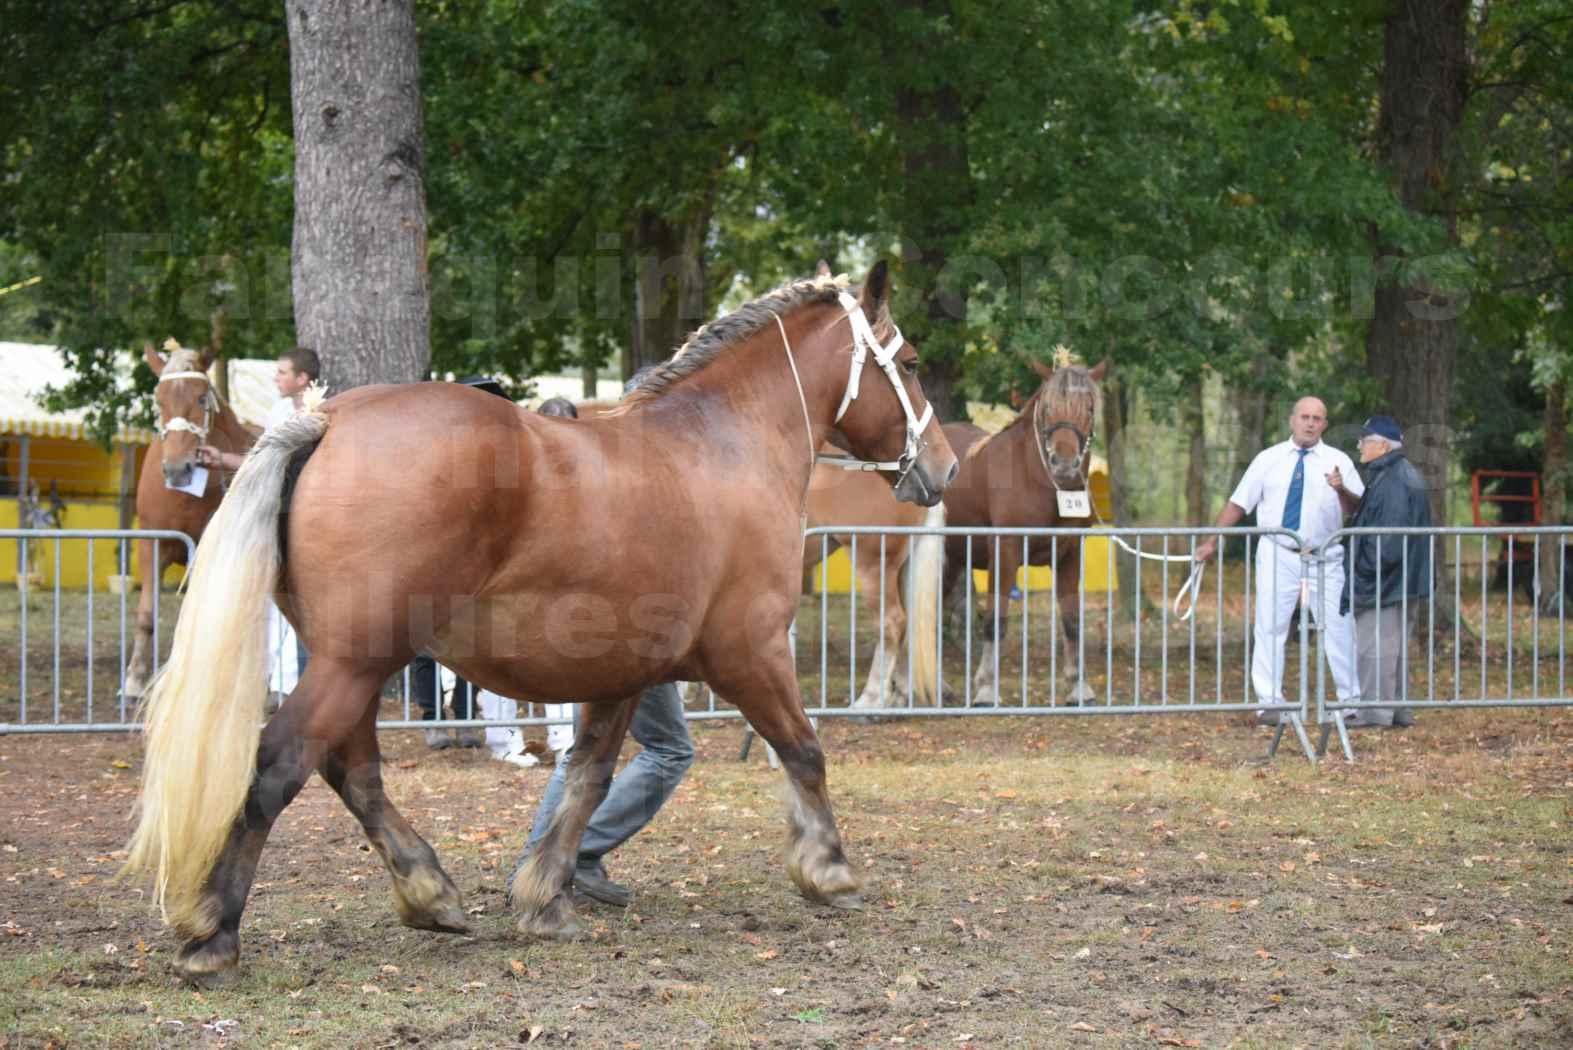 Concours Régional de chevaux de traits en 2017 - Trait COMTOIS - ESQUISSE DE VIELLE - 11